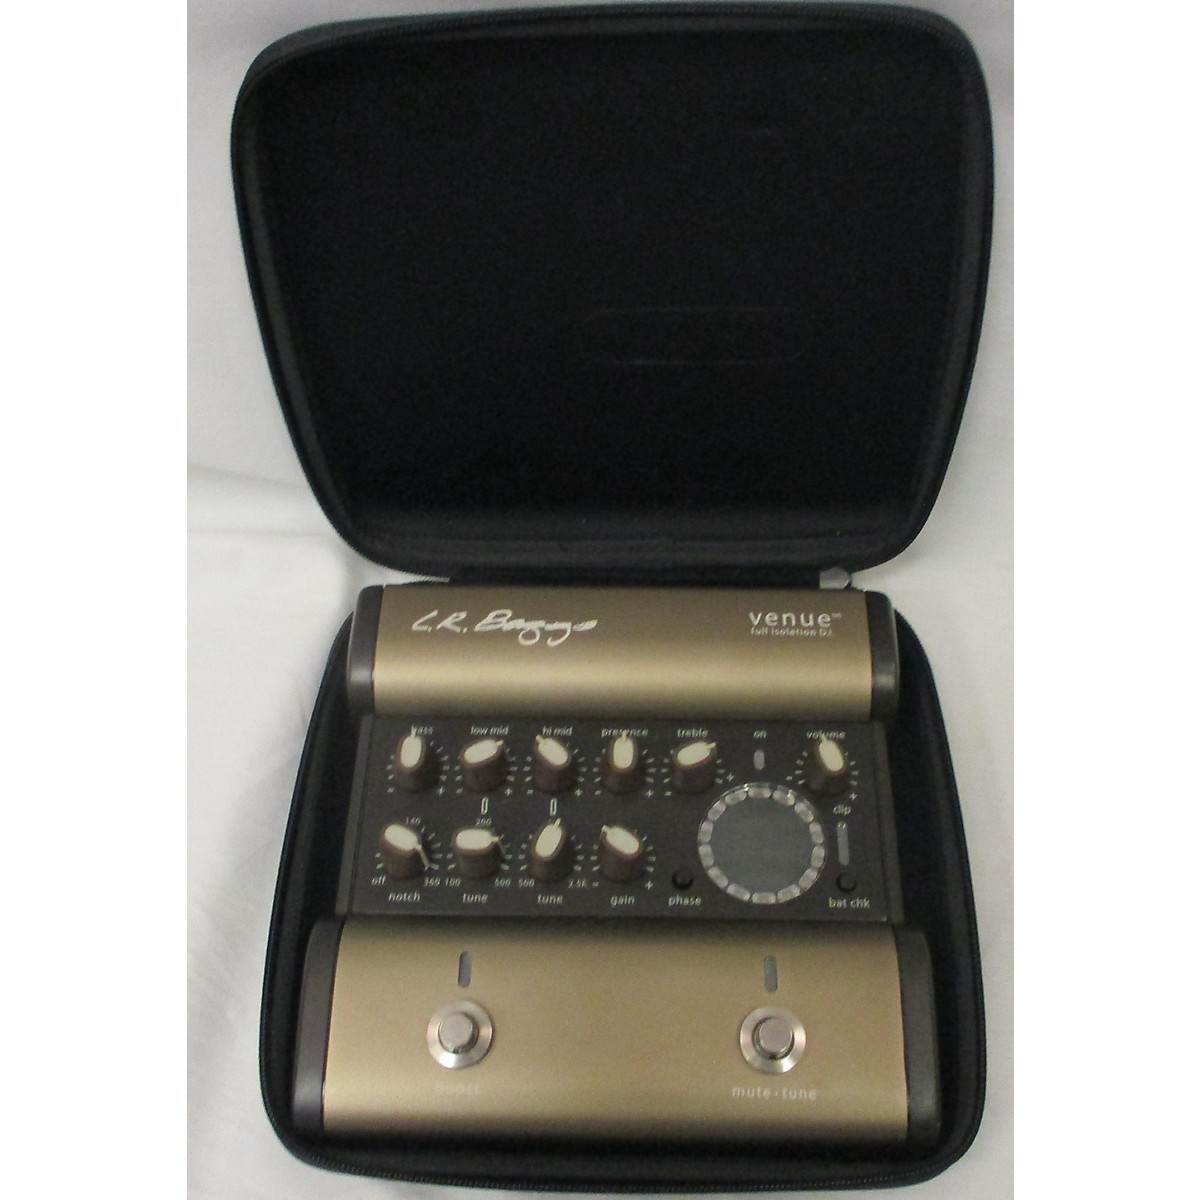 LR Baggs Venue DI Direct Box